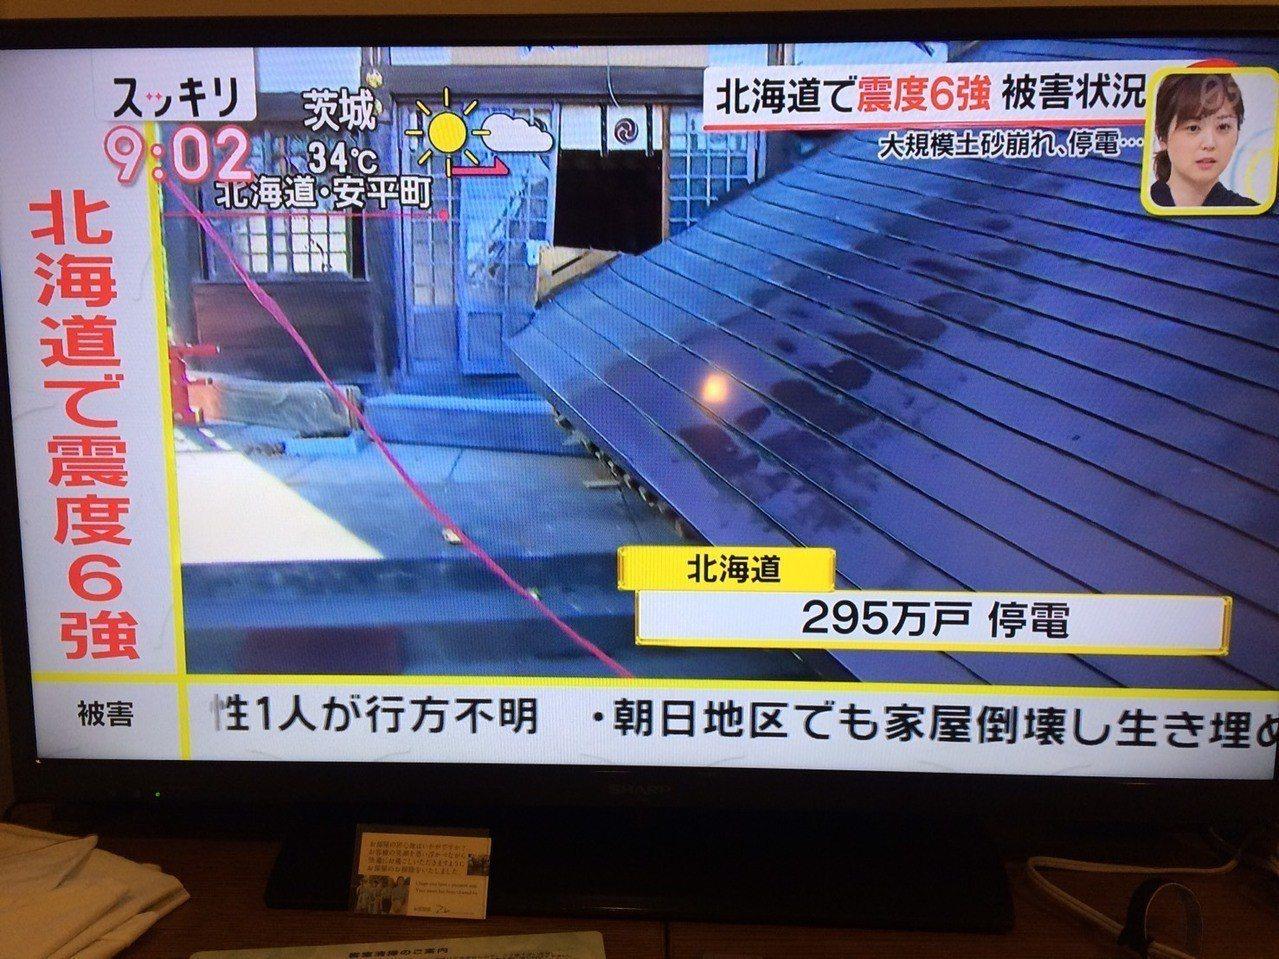 這次強震造成北海道境內大規模停水停電。記者張芳瑜/攝影